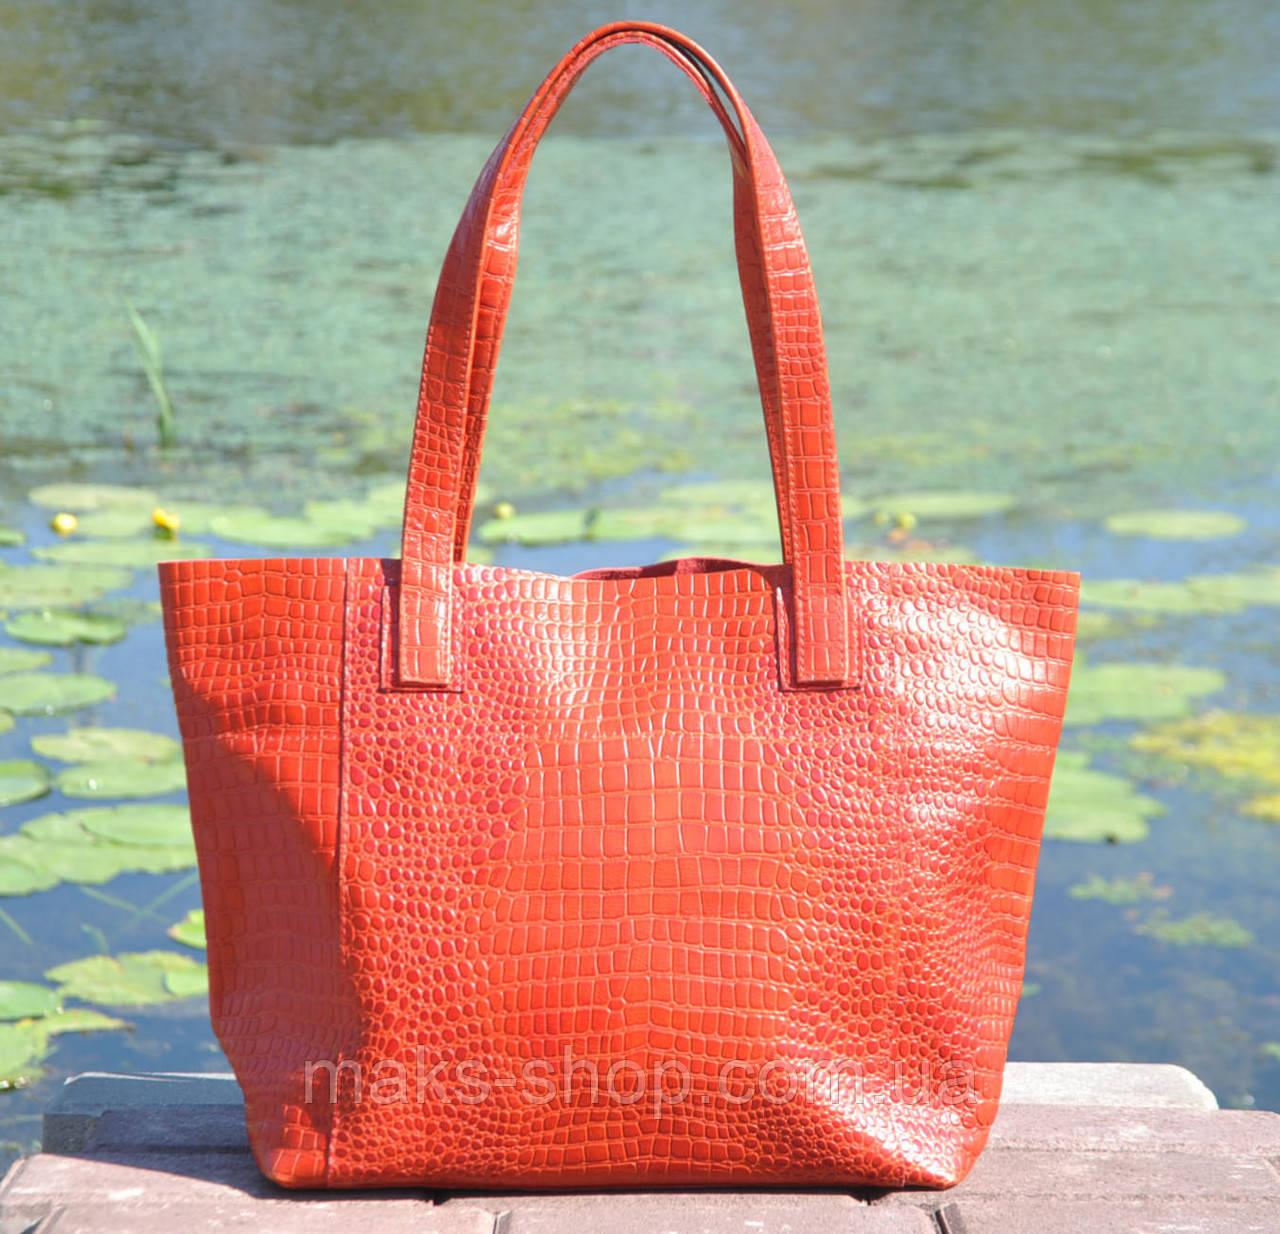 aaa0122be1fa Кожаная удобная женская сумка - шоппер Флоренция под рептилию красная -  Maks Shop- надежный и